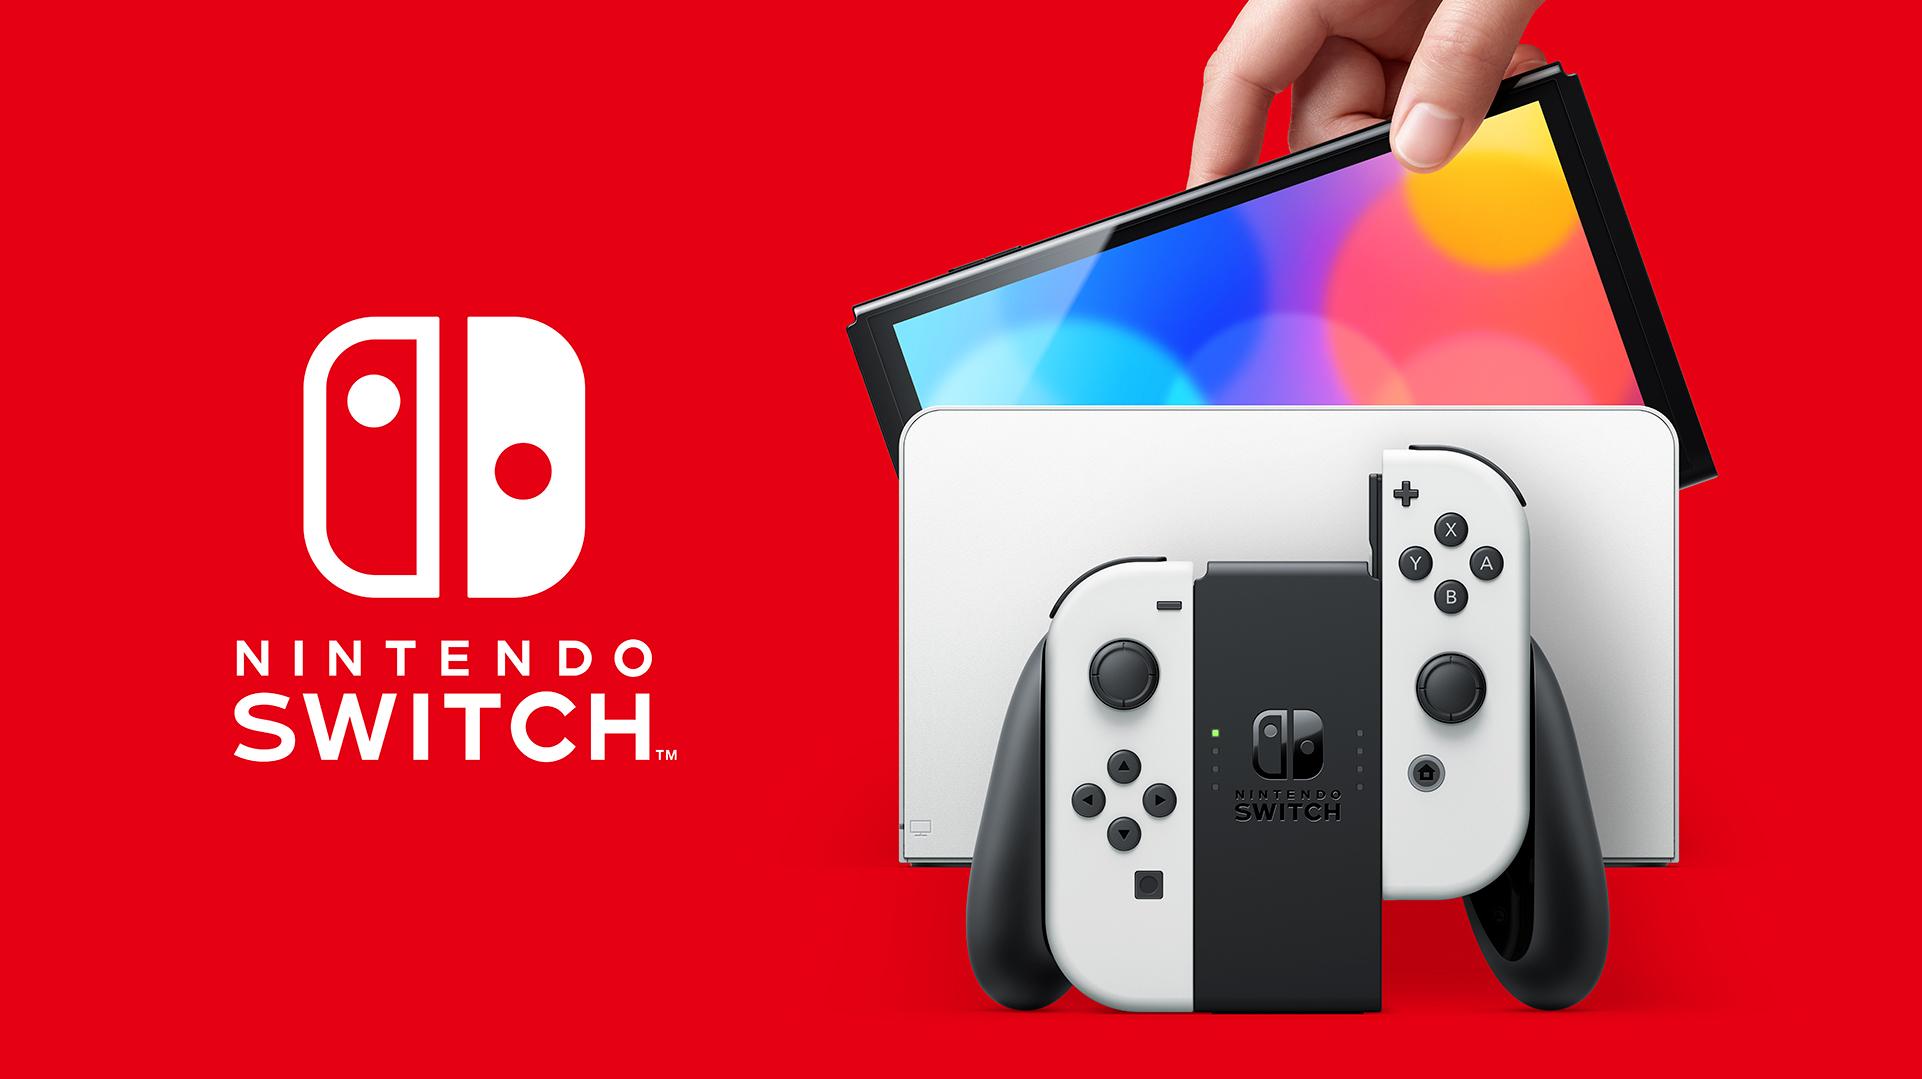 ¿Cuál es el precio del nuevo Nintendo Switch OLED en Colombia?